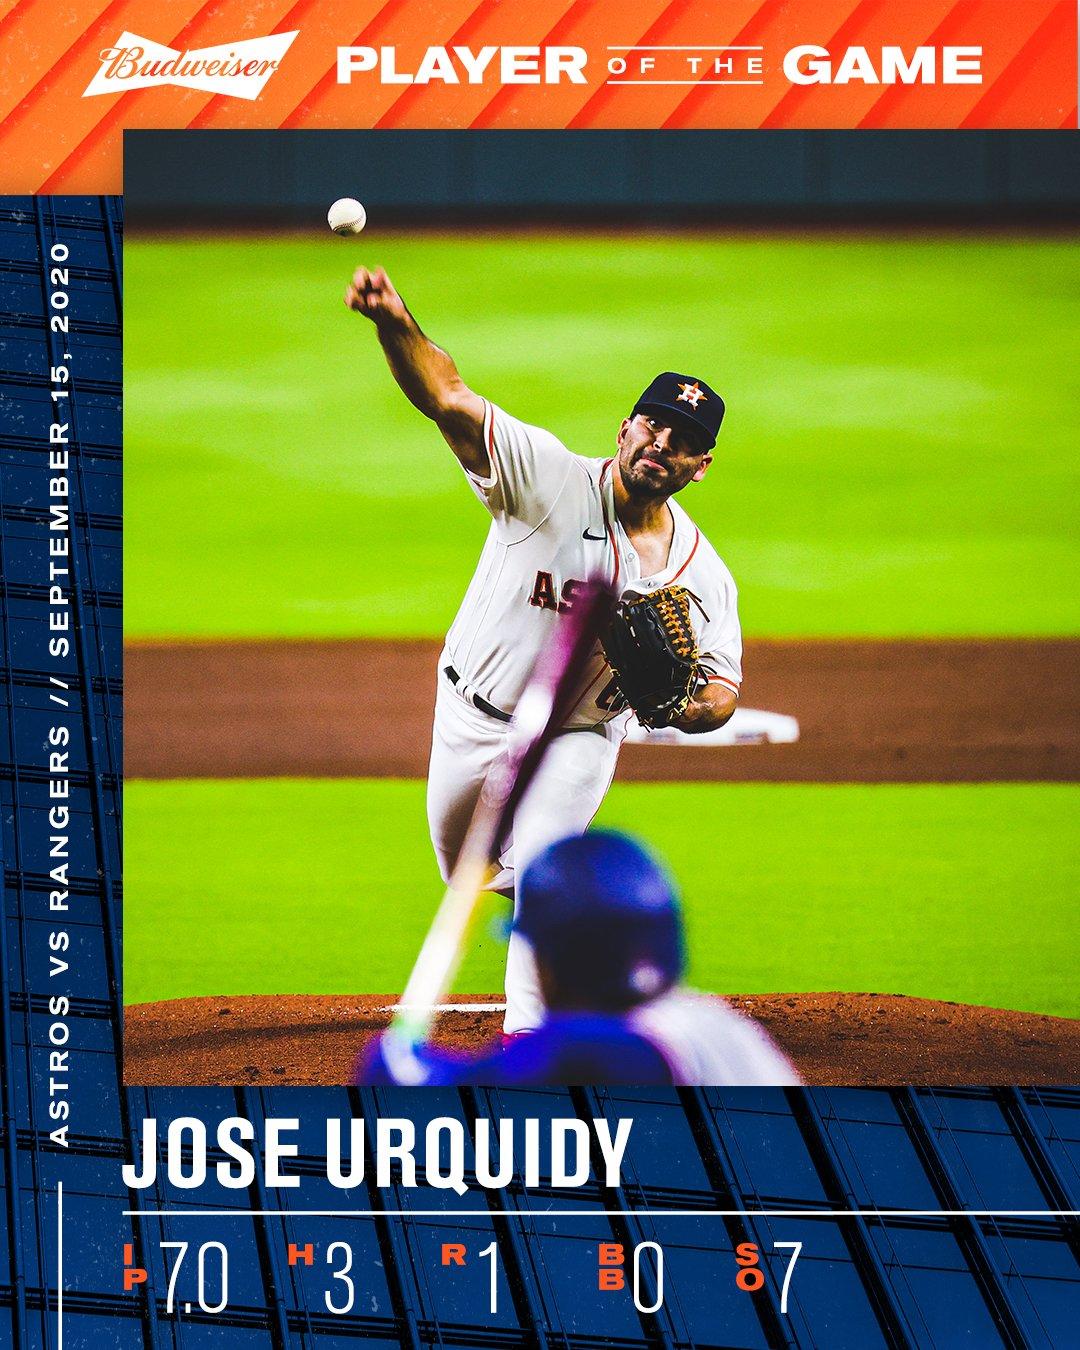 Luego de su buena labor, Urquidy fue nombrado jugador del encuentro por la cuenta de los Astros en Twitter.